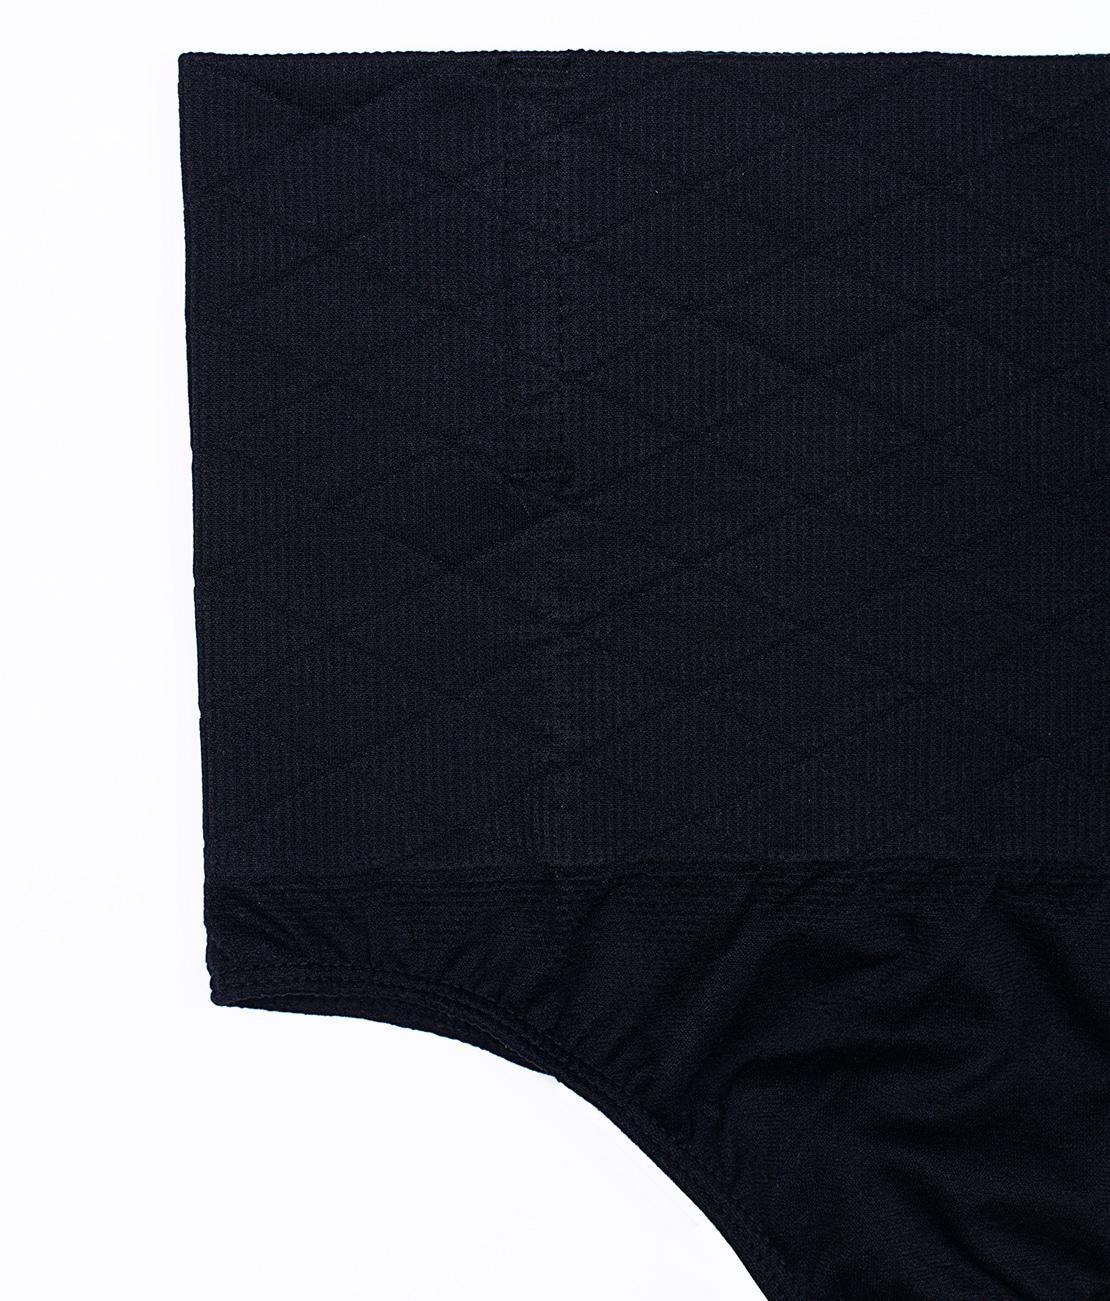 String Amincissant Noir Packshot Detail 1 bis